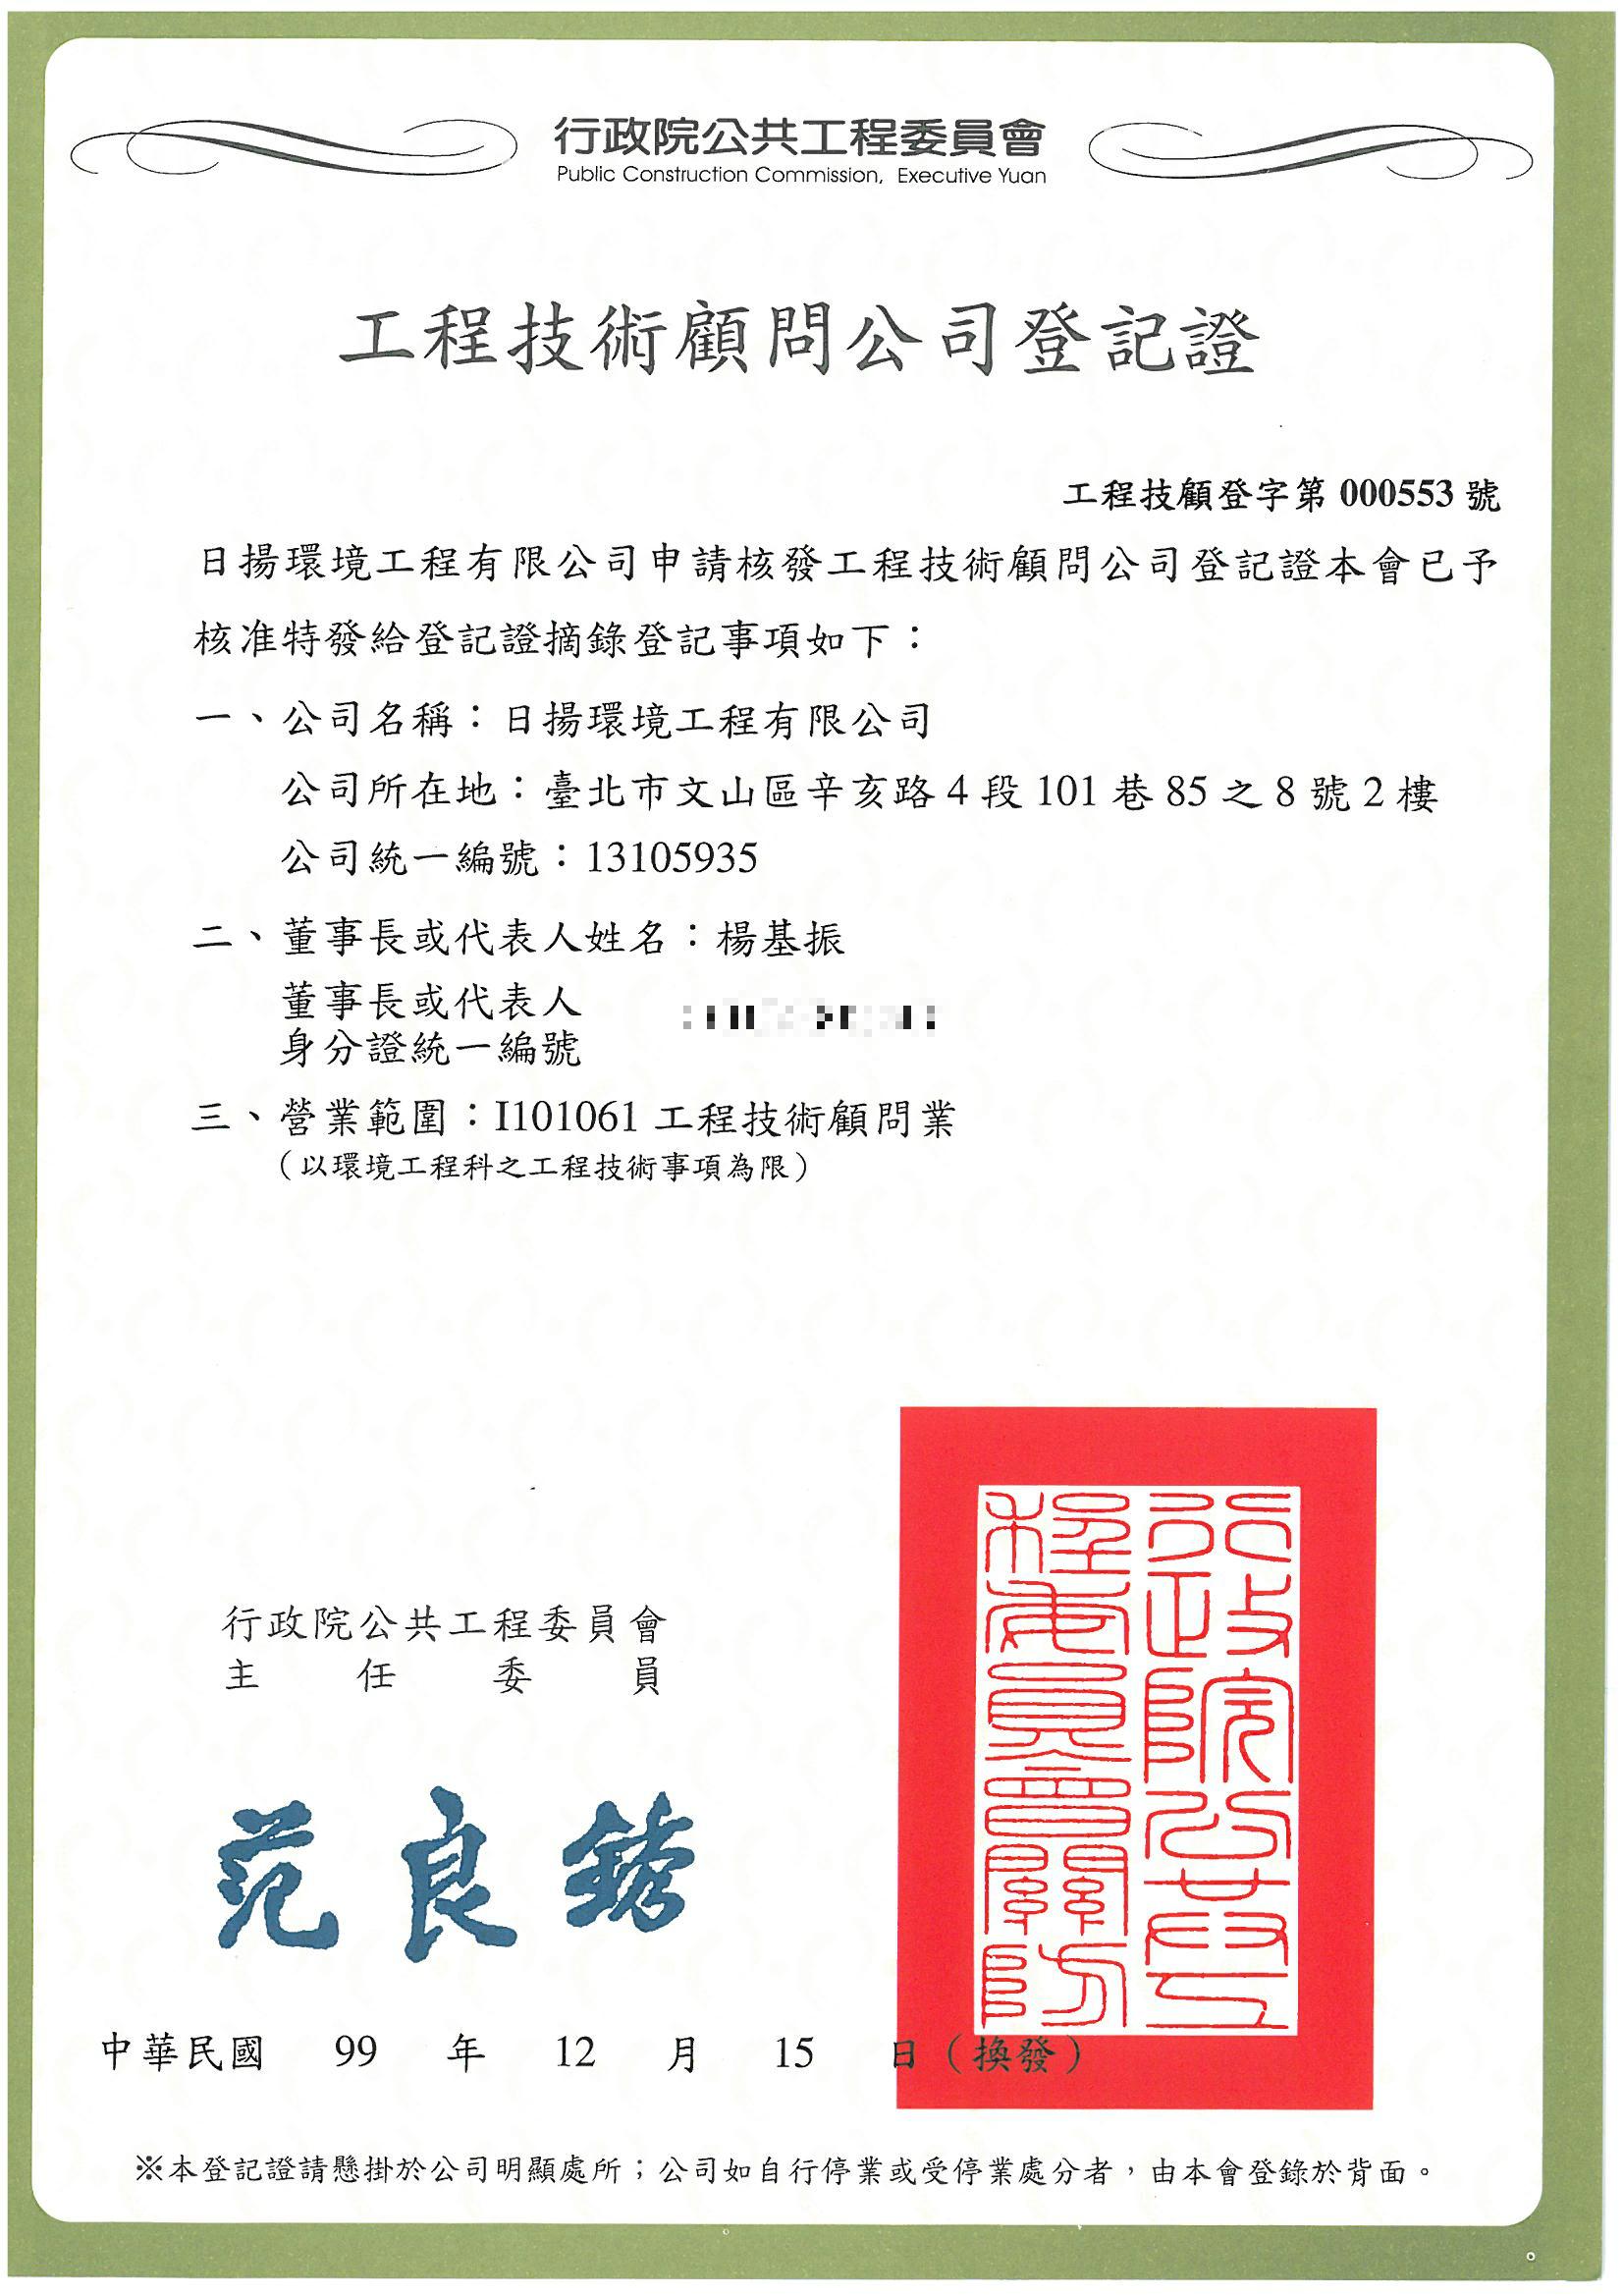 工程技術顧問公司登記證